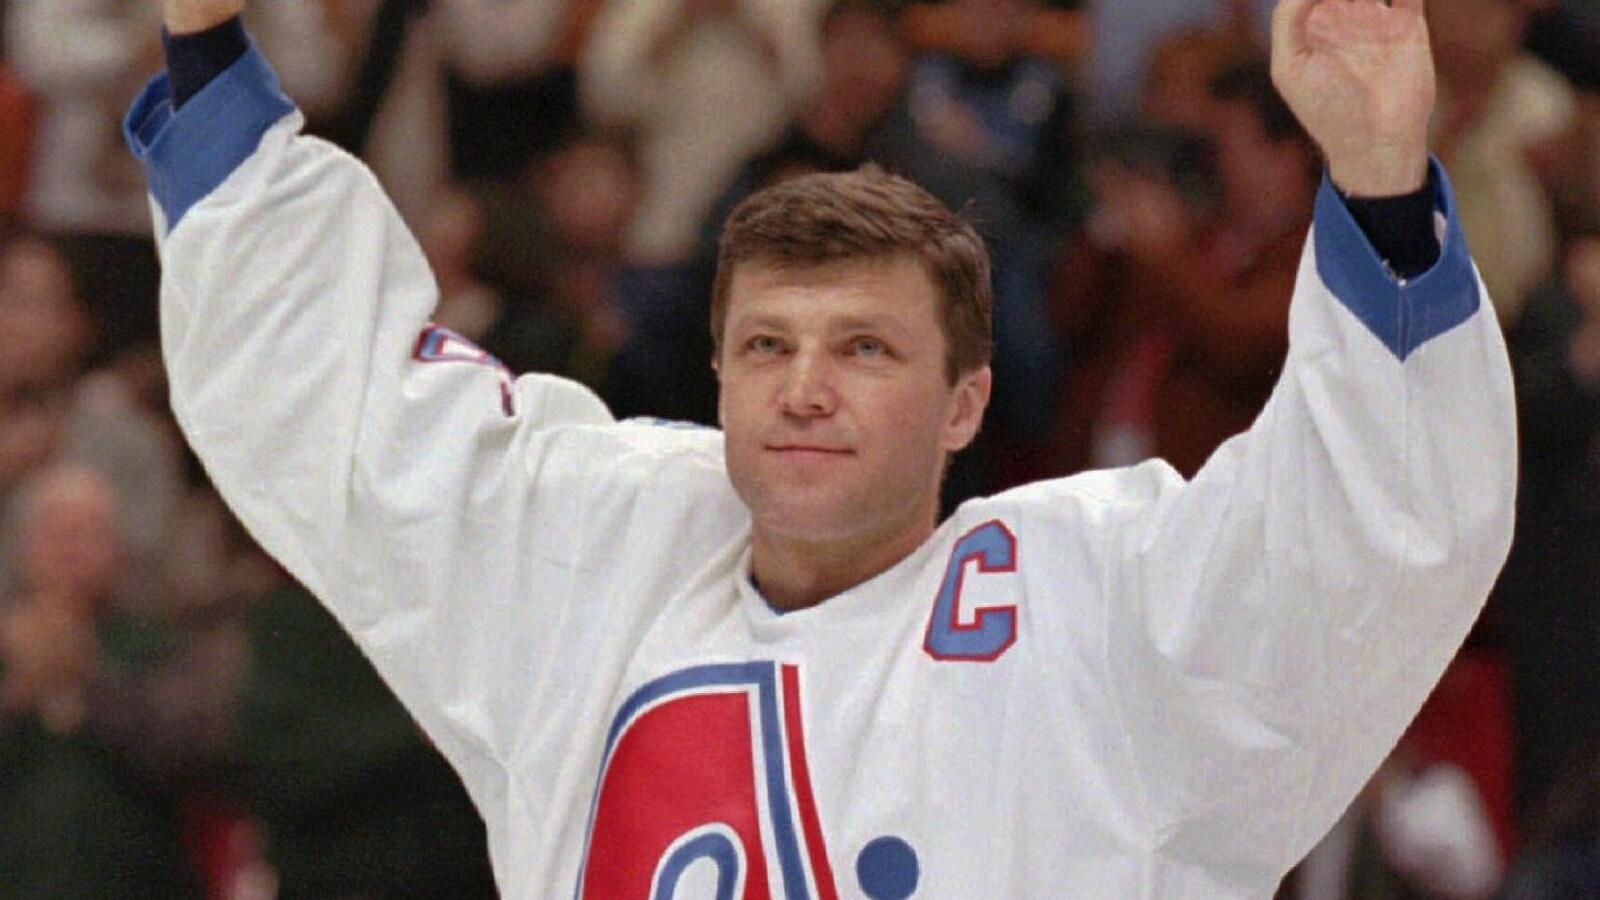 Le 4 février 1996, Peter Stastny est ovationné par plus de 14 000 partisans au Colisée de Québec alors que l'on retire son chandail numéro 26